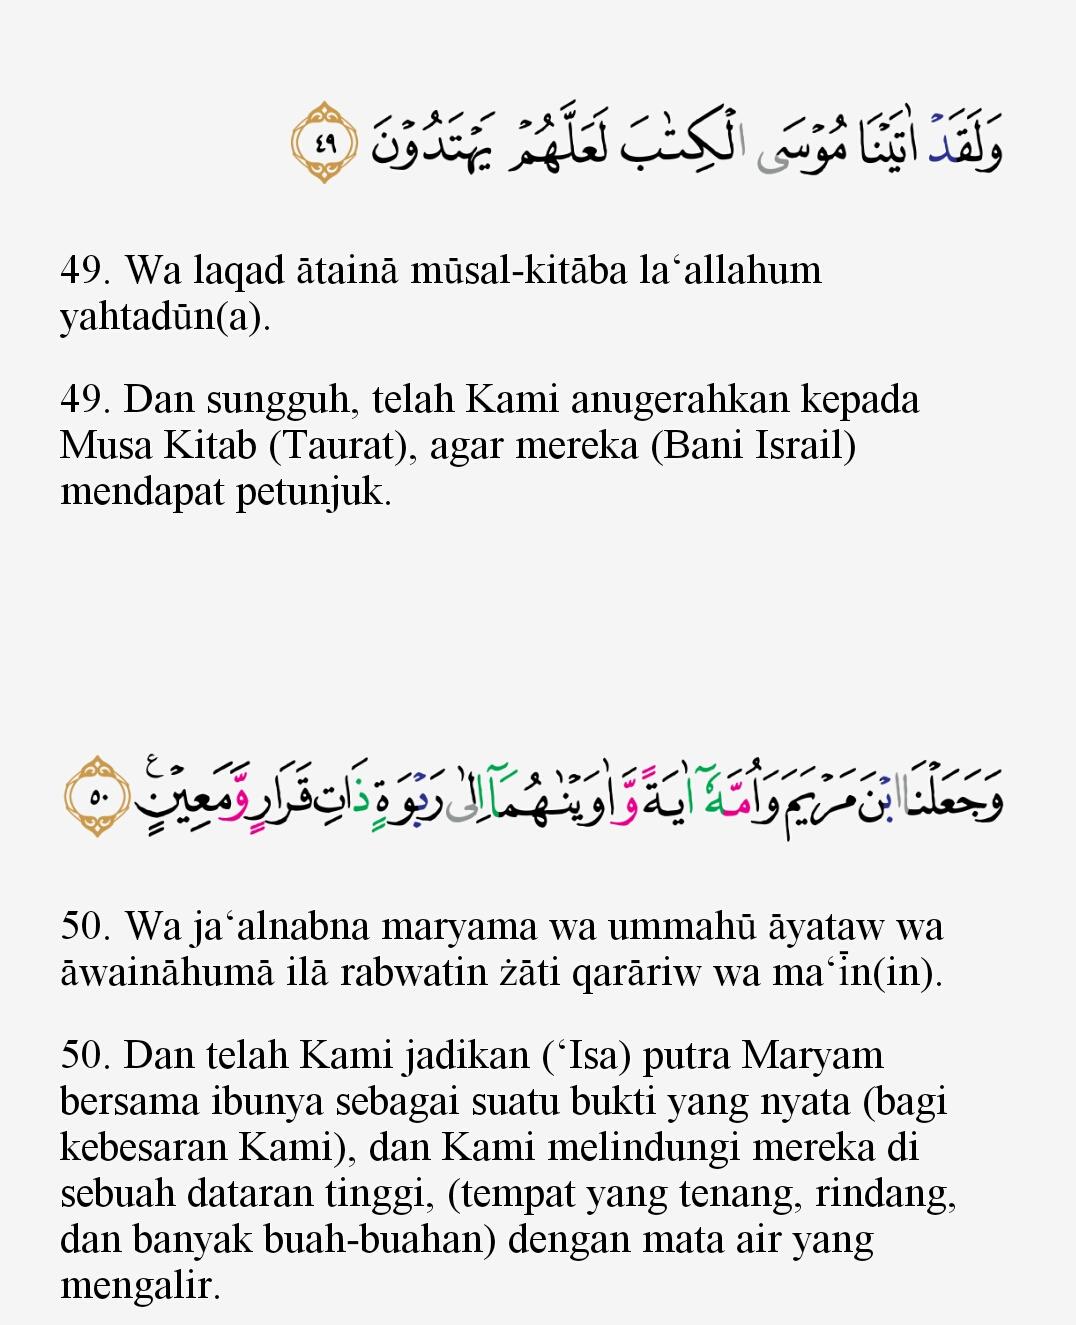 surah an najm ayat 39-42 dan terjemahannya